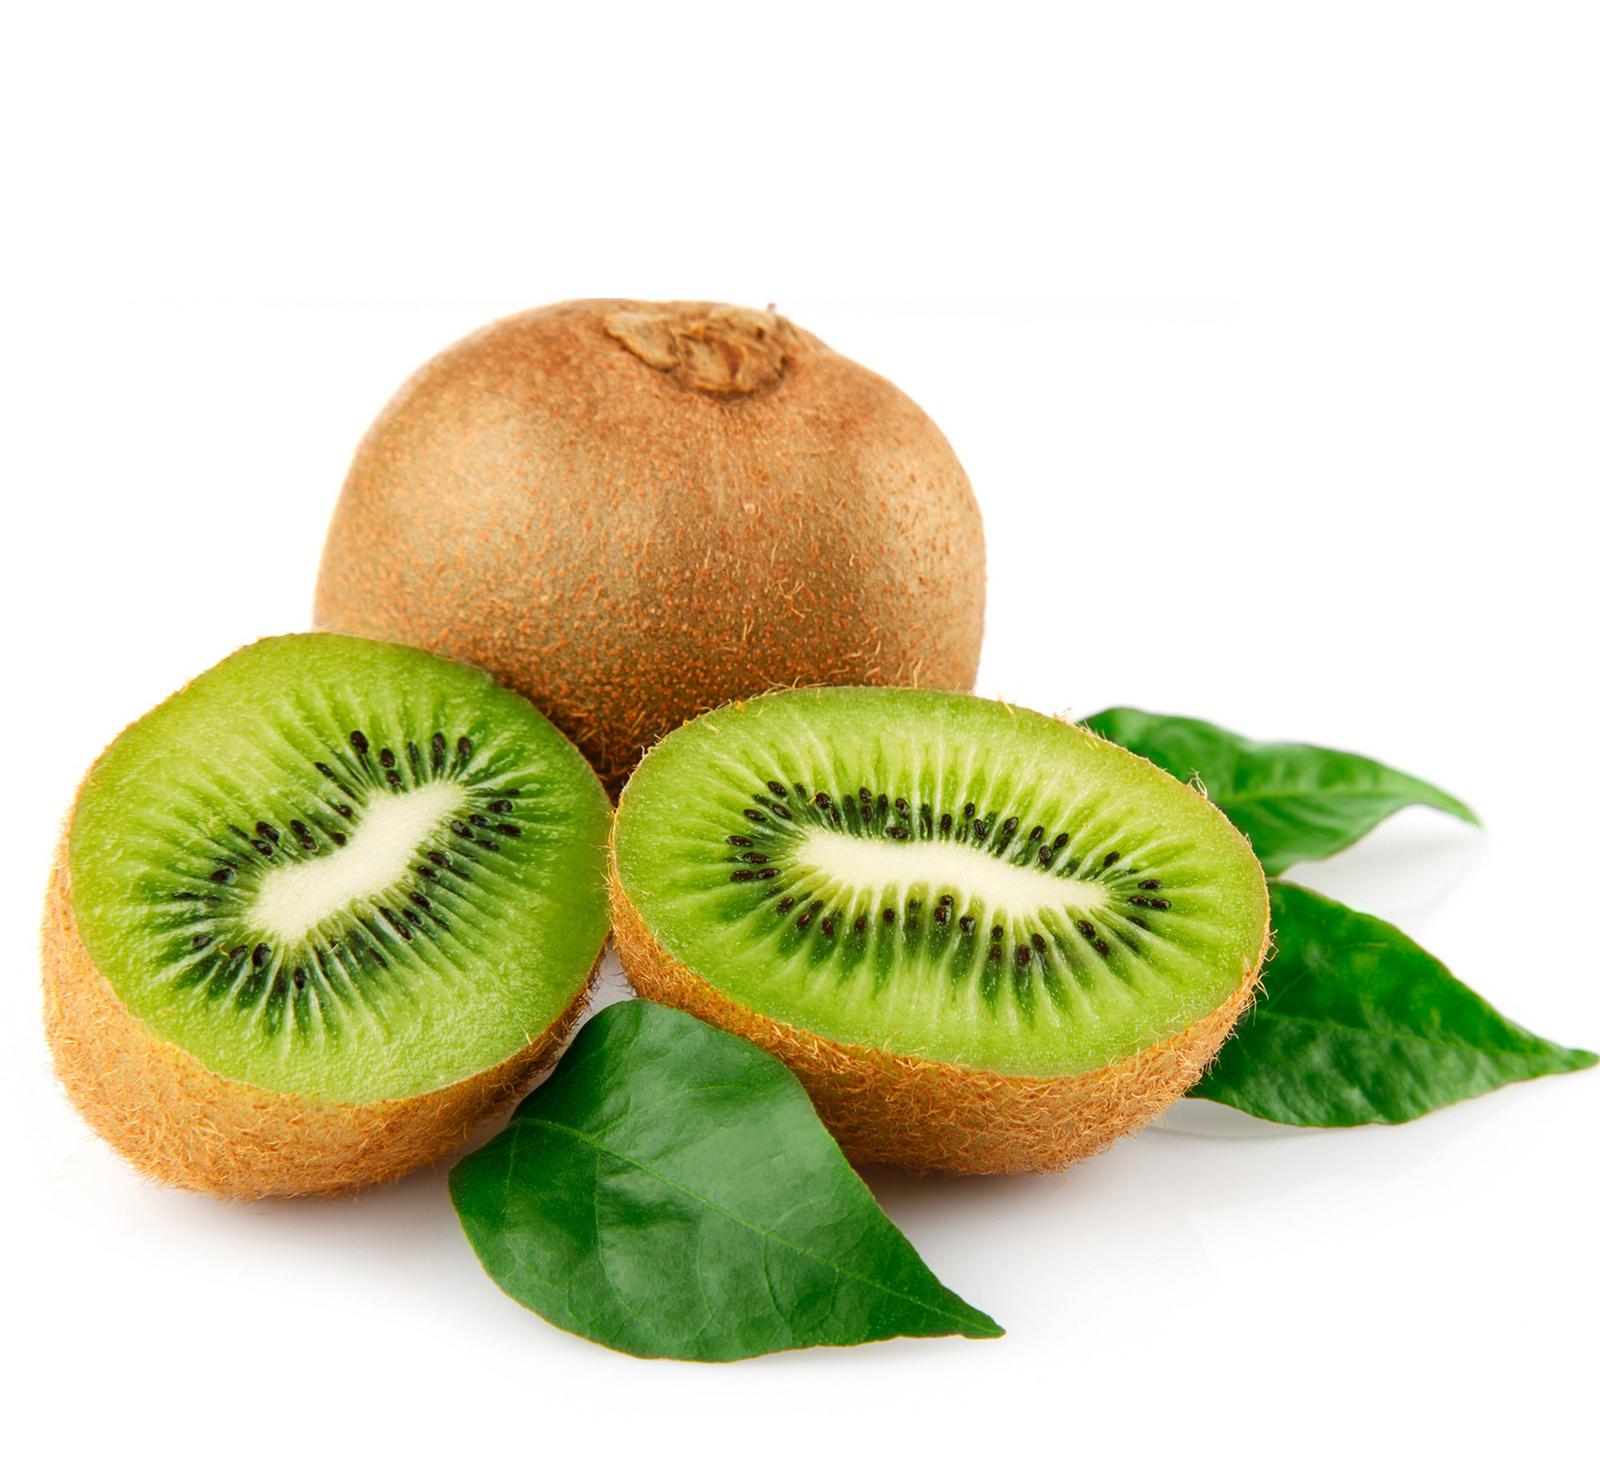 Vitamin-Kiwi